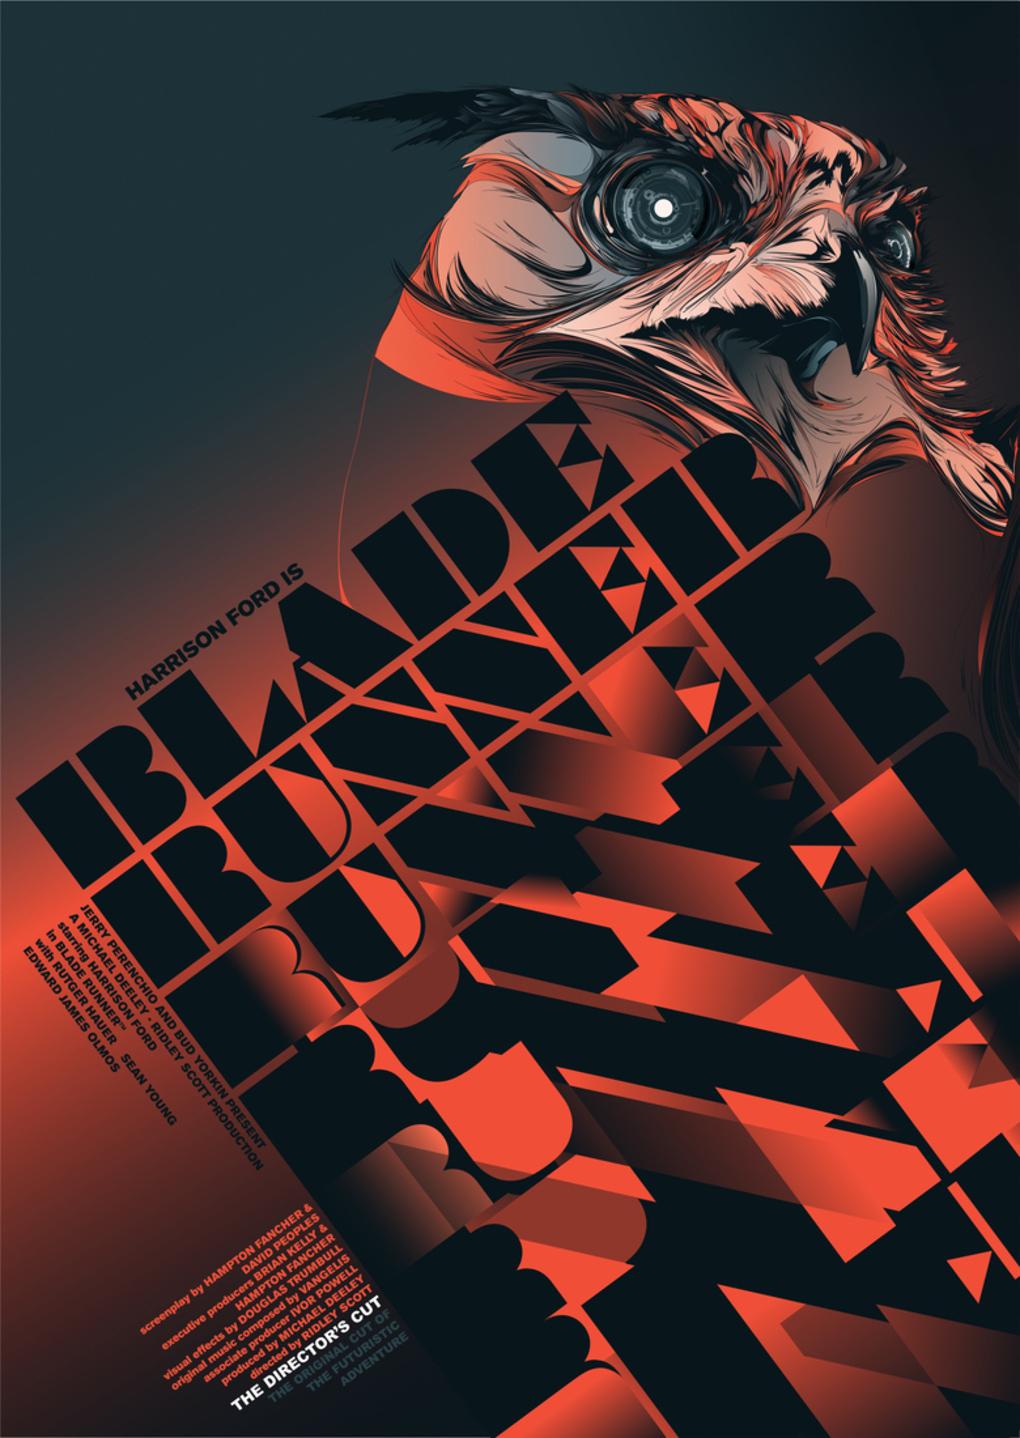 Póster de Blade Runner arte